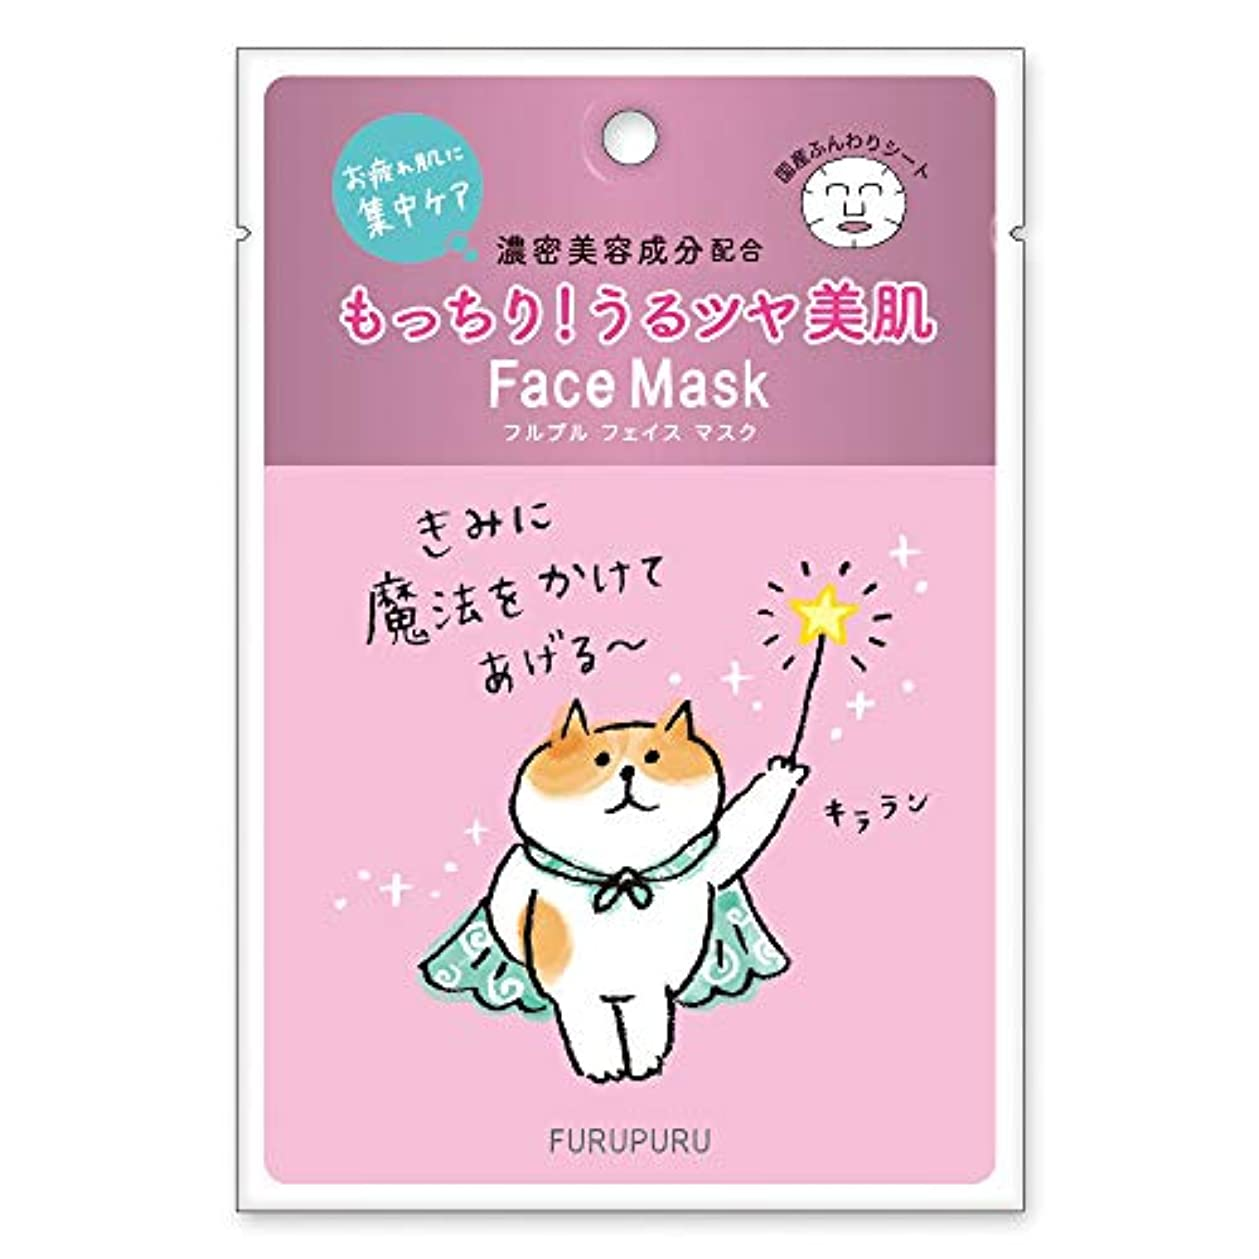 概してサイドボード通りフルプルクリーム フルプルフェイスマスク ごろごろにゃんすけ 魔法 やさしく香る天然ローズの香り 30g